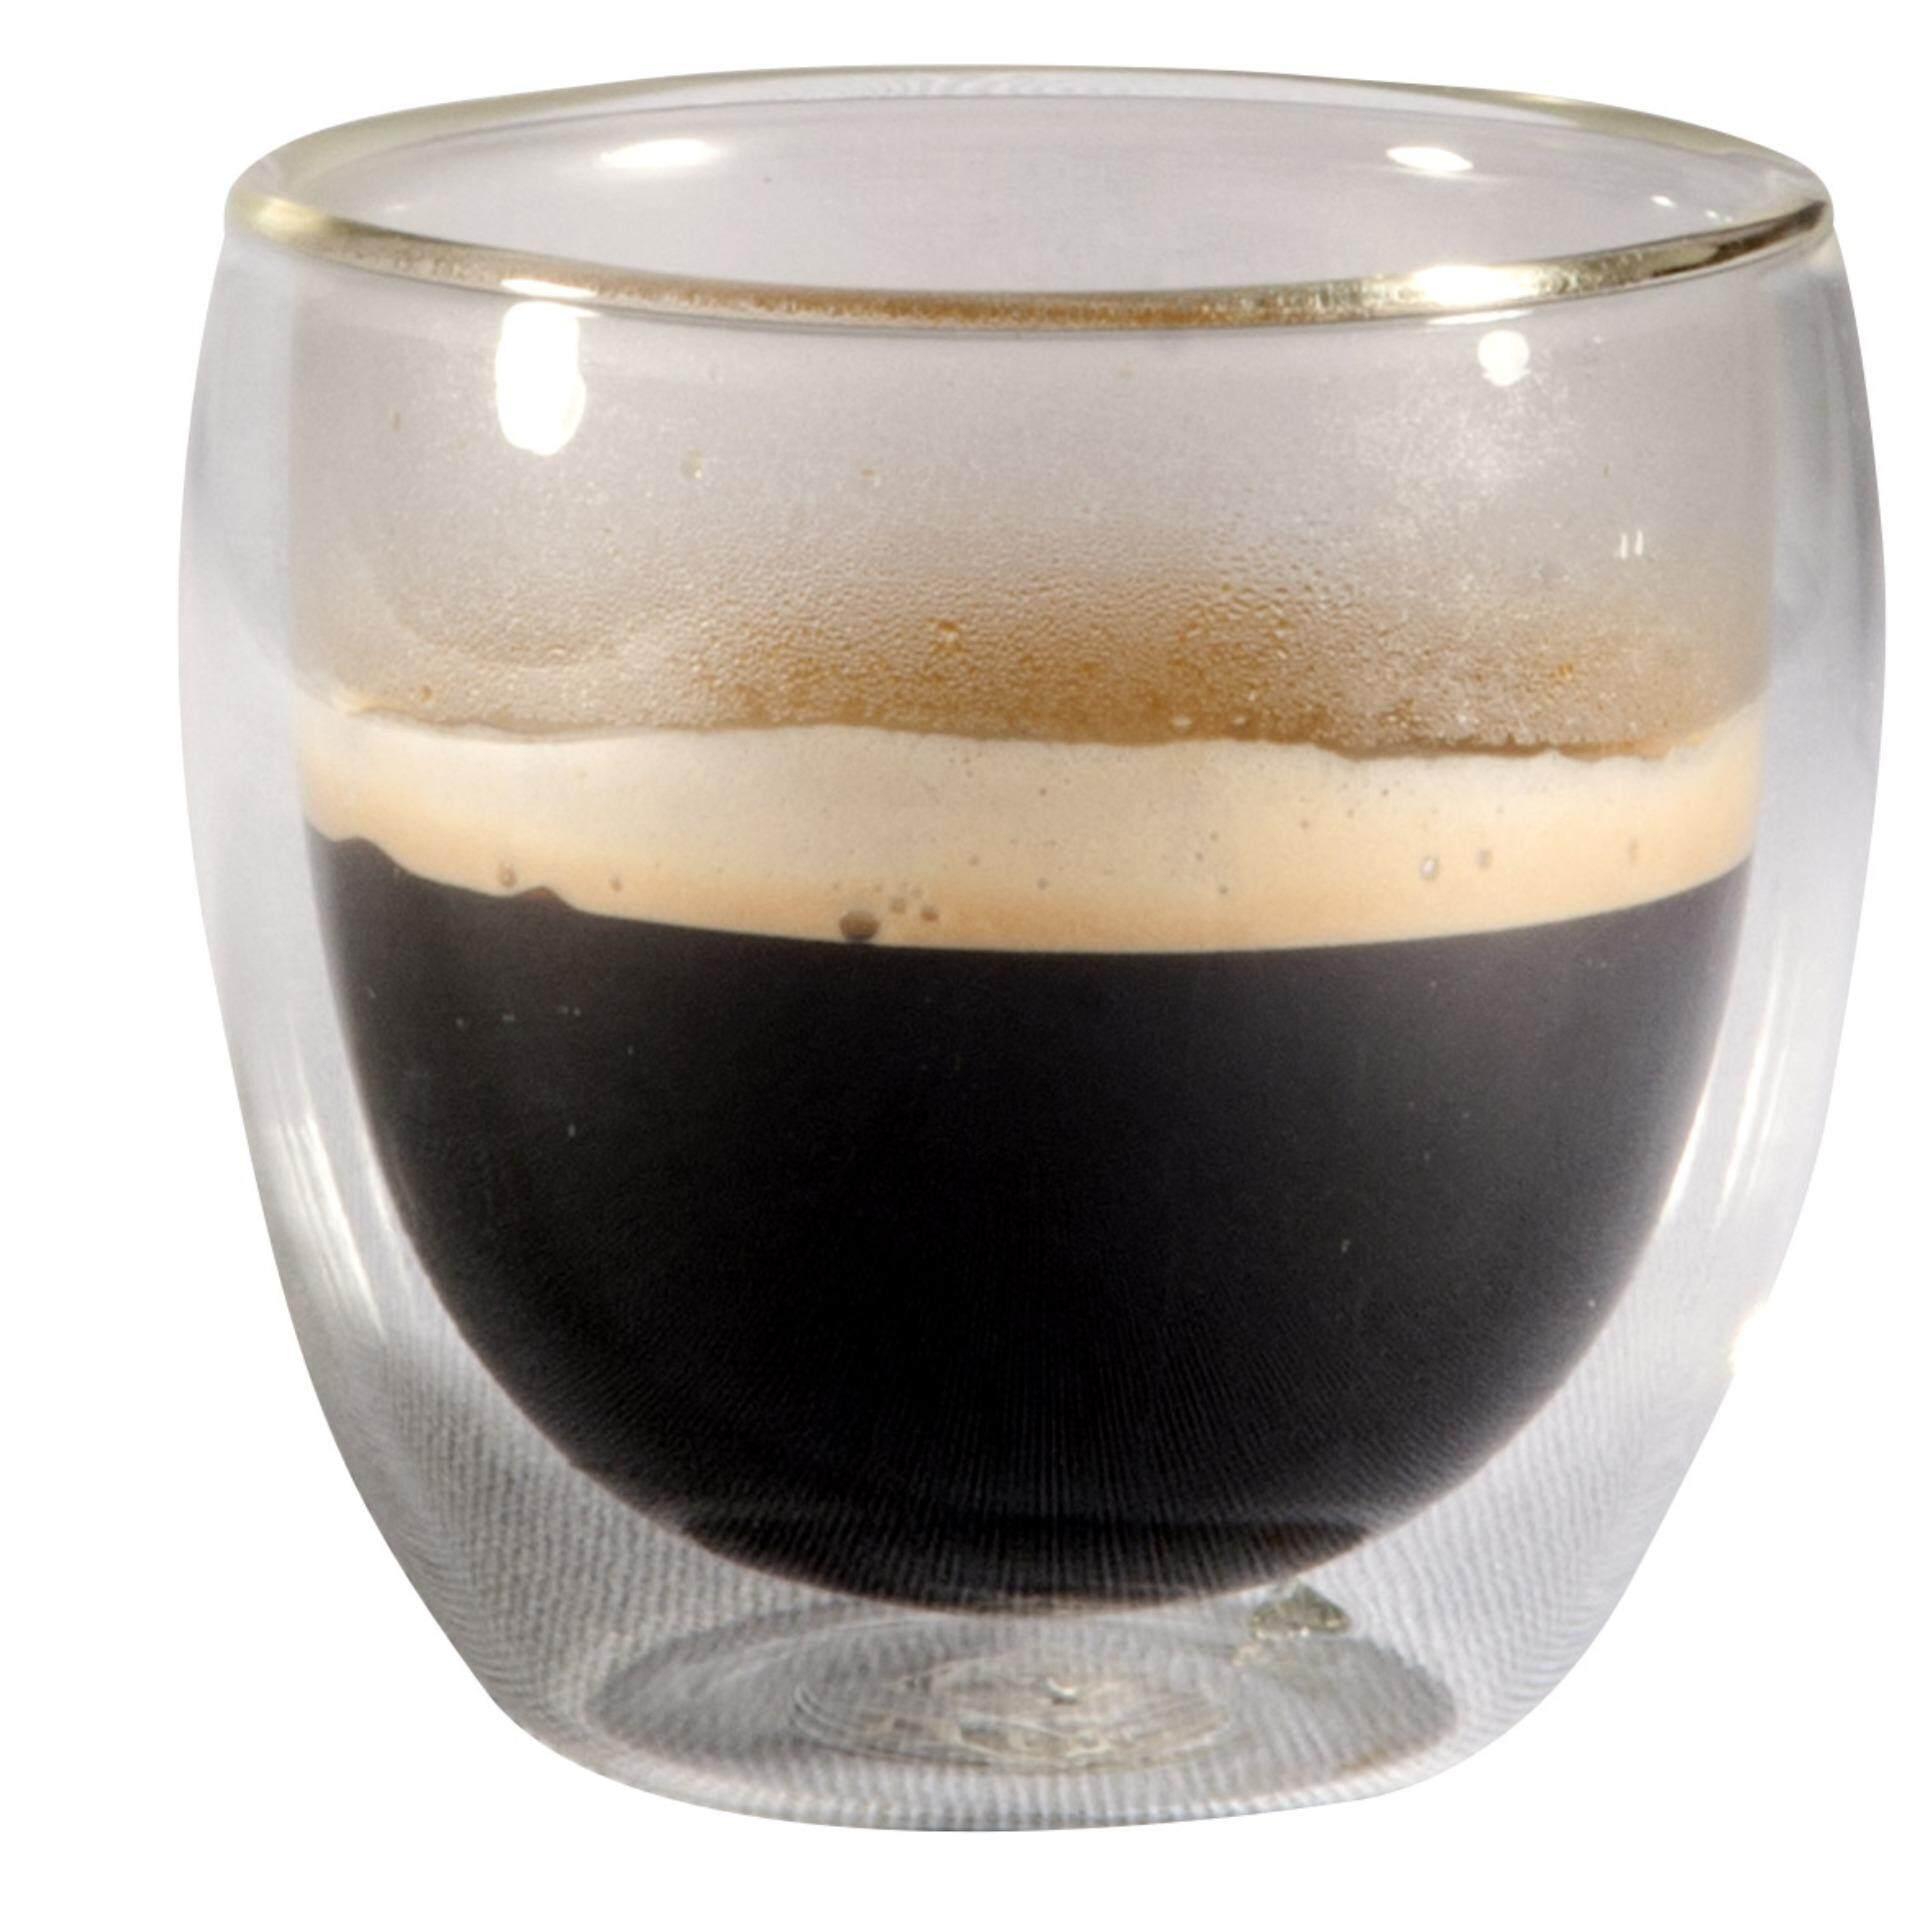 ขาย Cafecaps Cups80 ถ้วยกาแฟดับเบิ้ลวอลล์ เซ็ต 6 ใบ Cafecaps เป็นต้นฉบับ